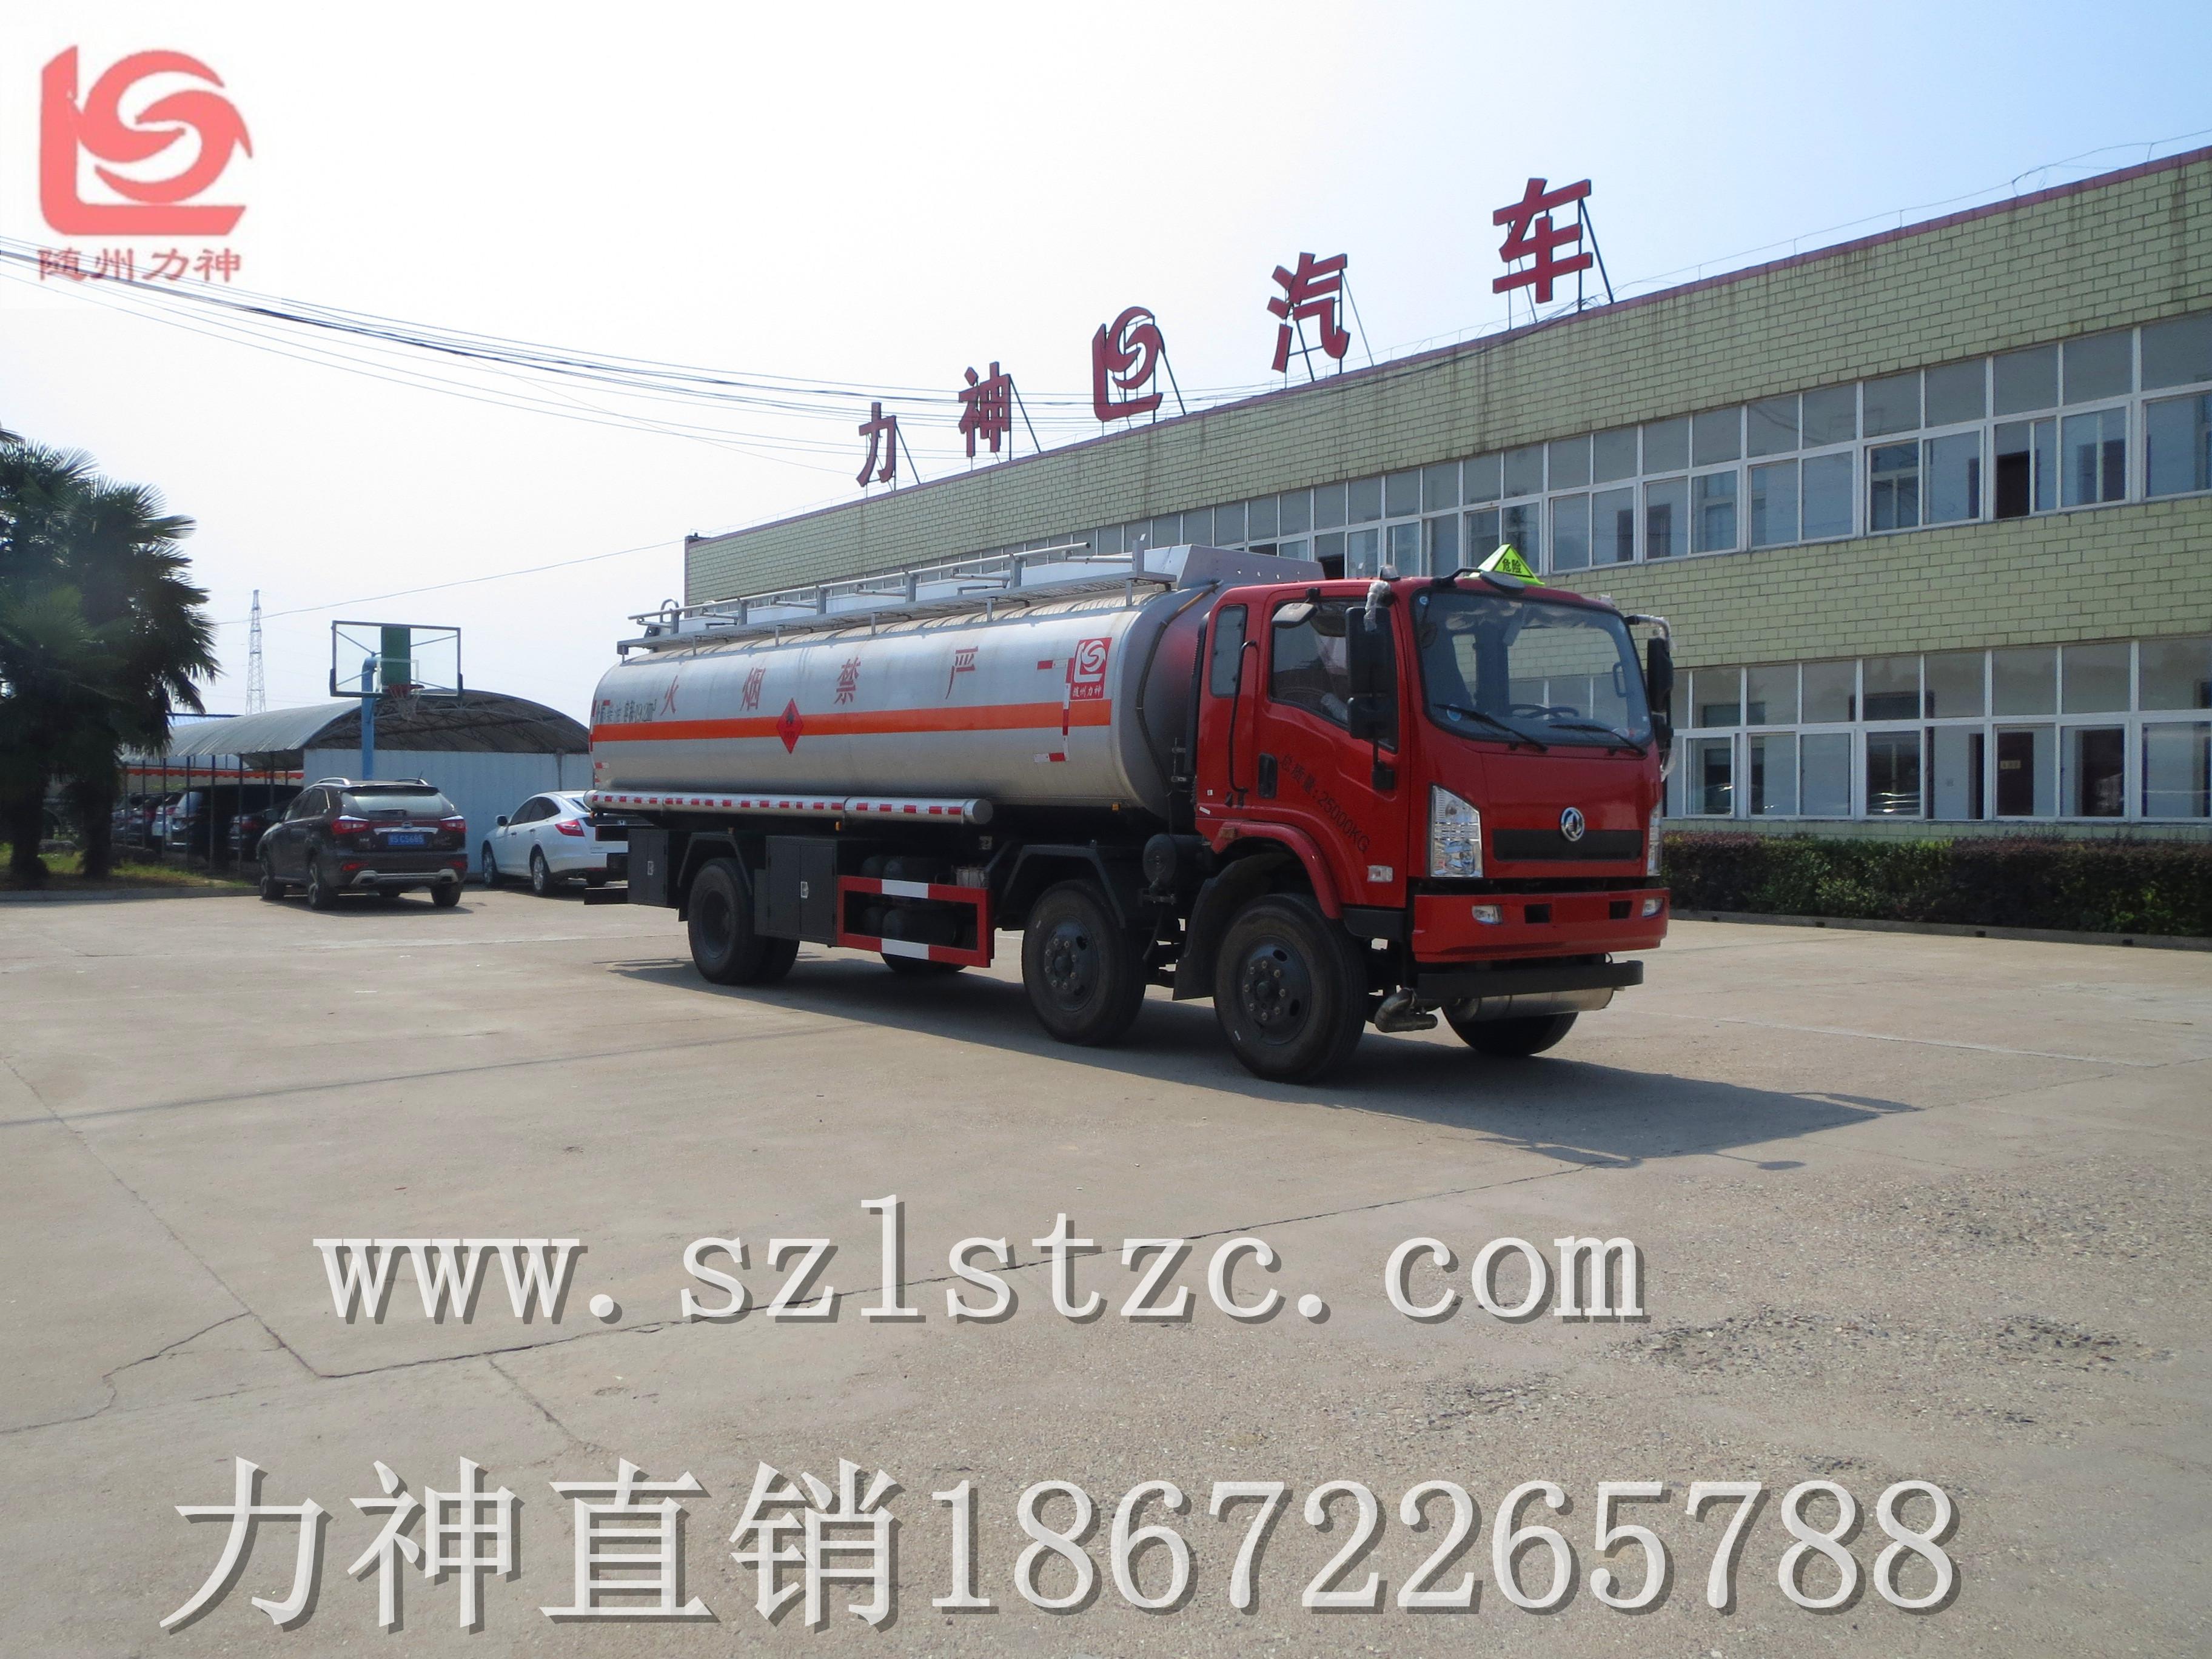 化工液体运输车,飞机加油车